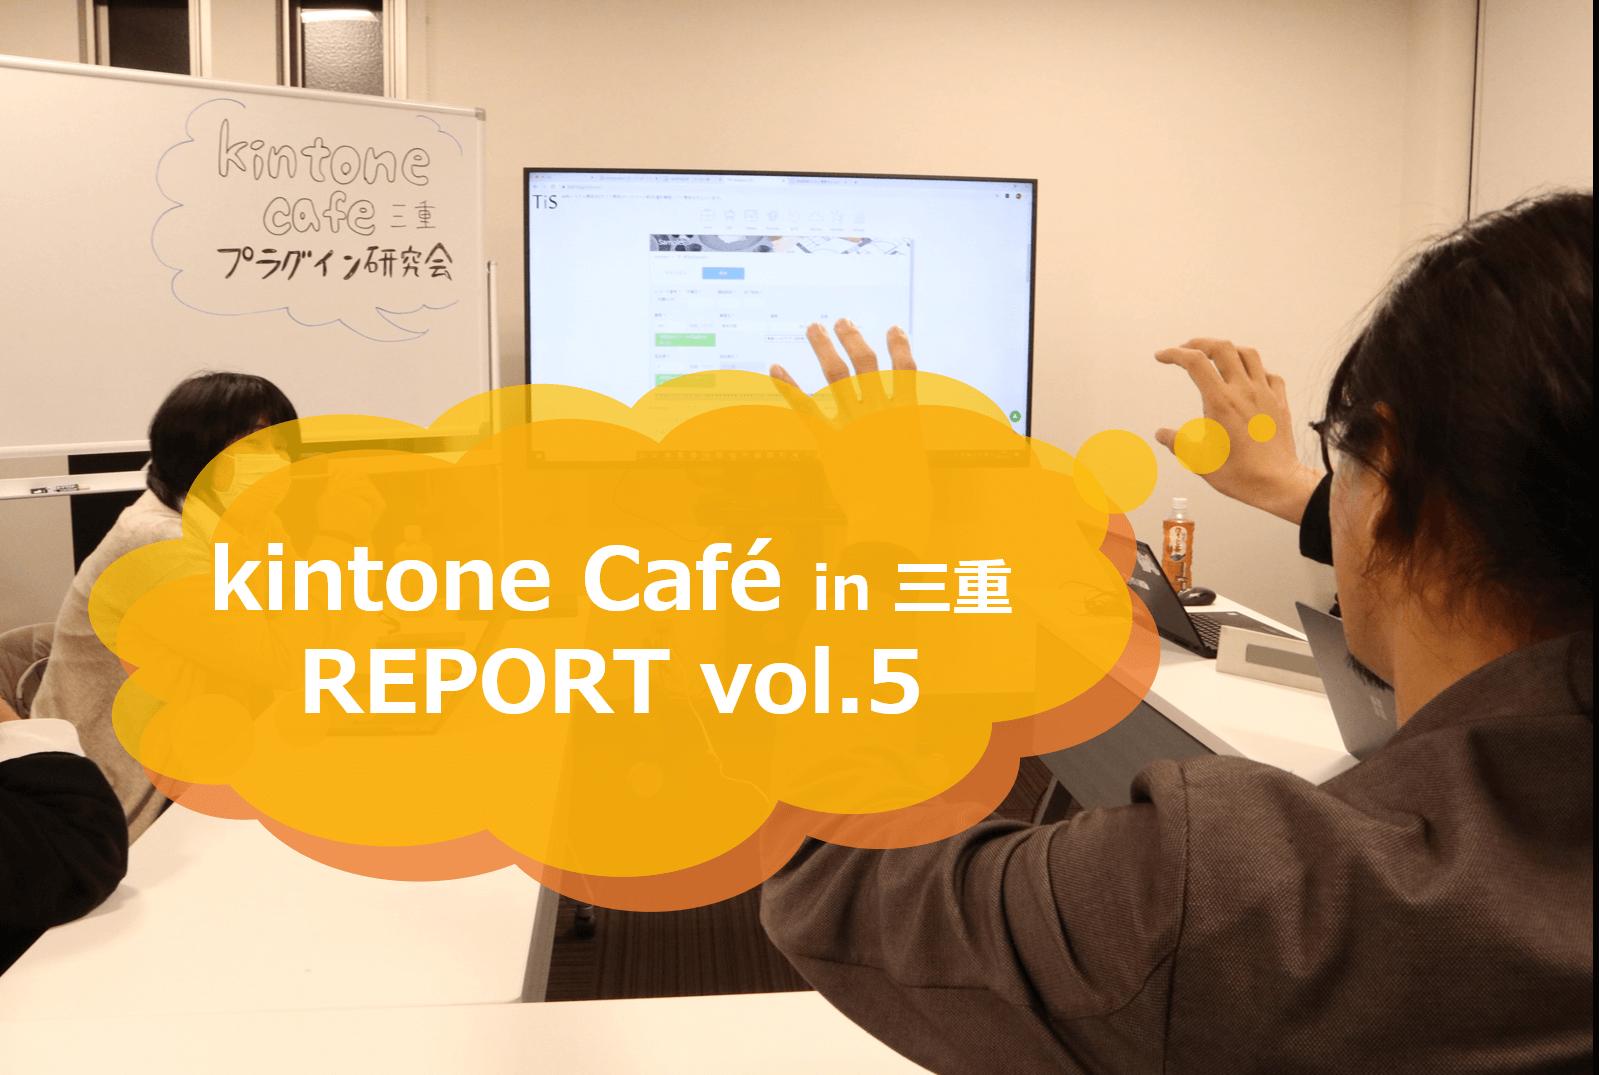 kintone Café(キントーンカフェ)三重Vol.6に参加してきました